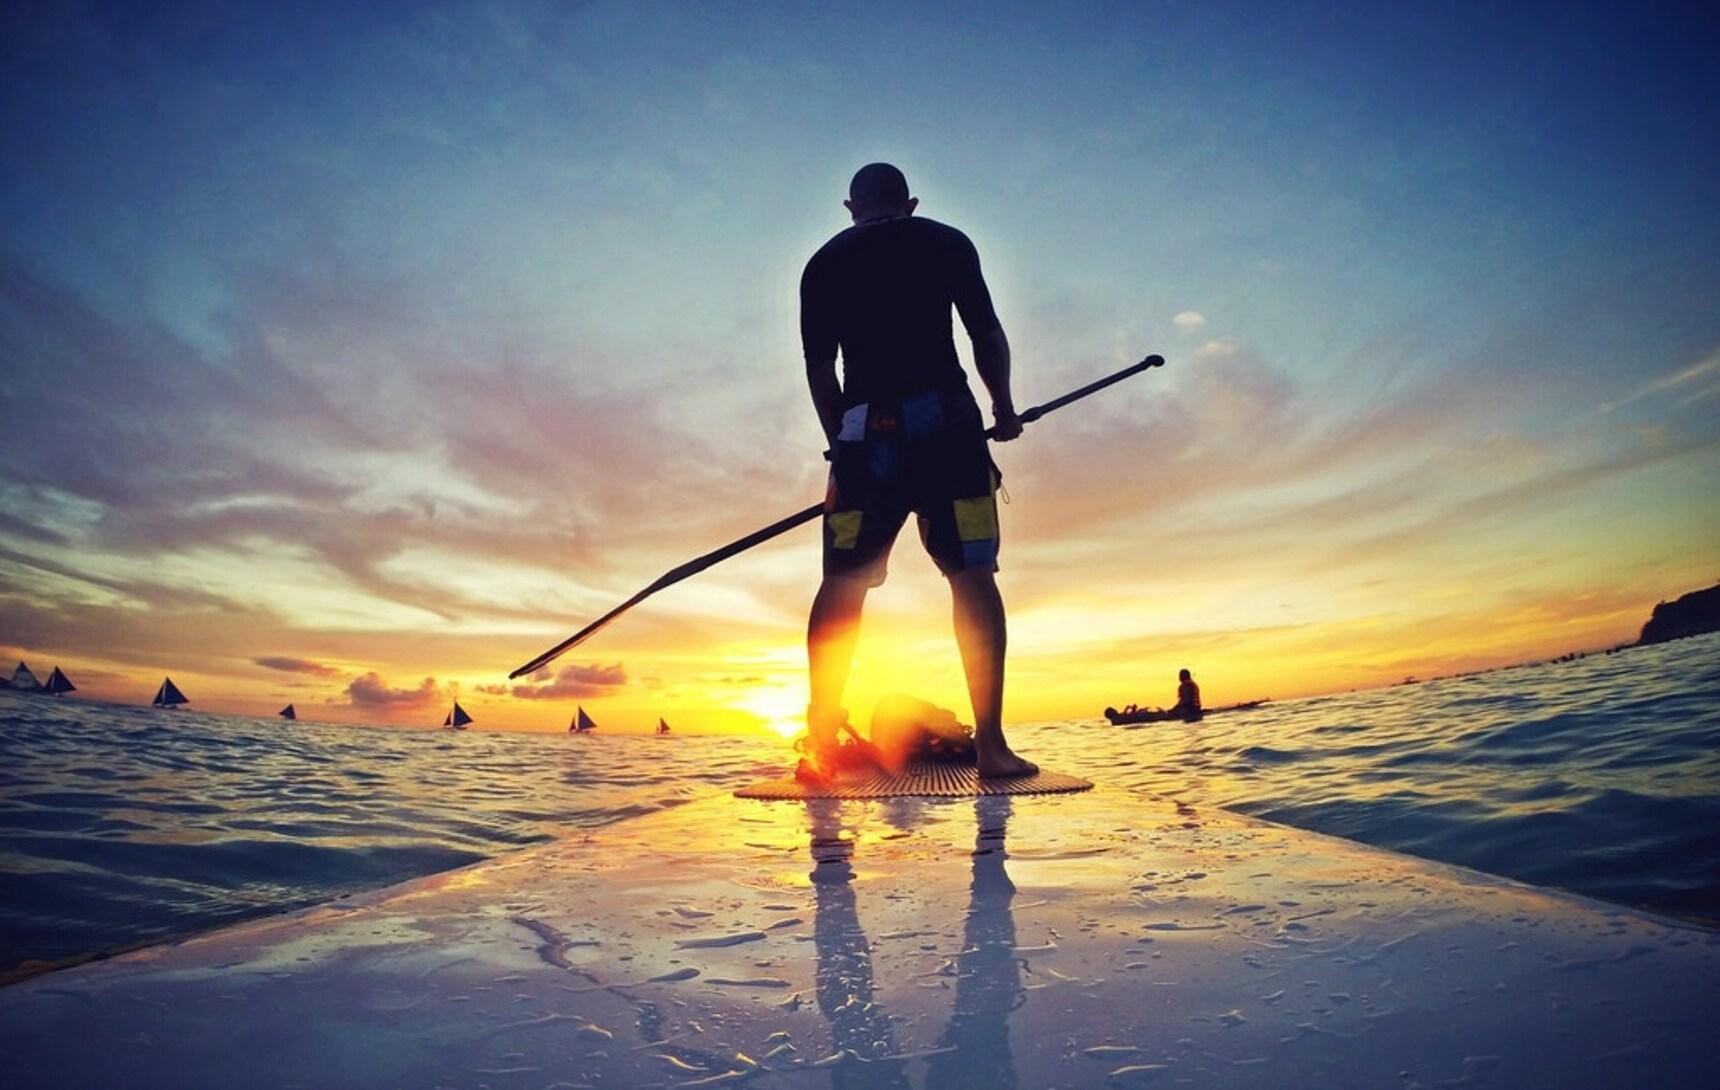 想在夏天GET新技能嗎?來跟我做水上漂,SUP入門指導